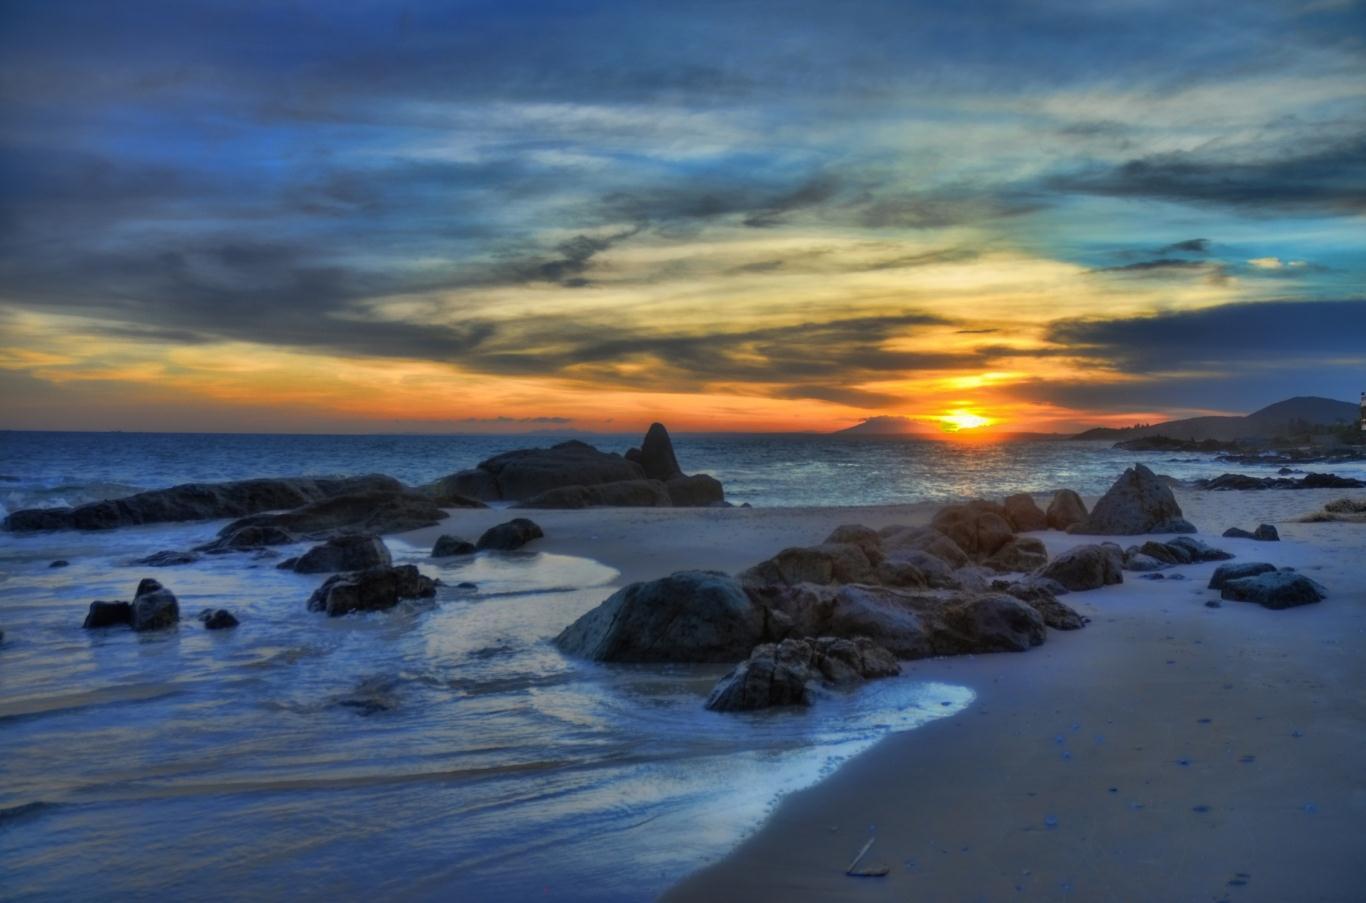 phan-thiet-beach-3